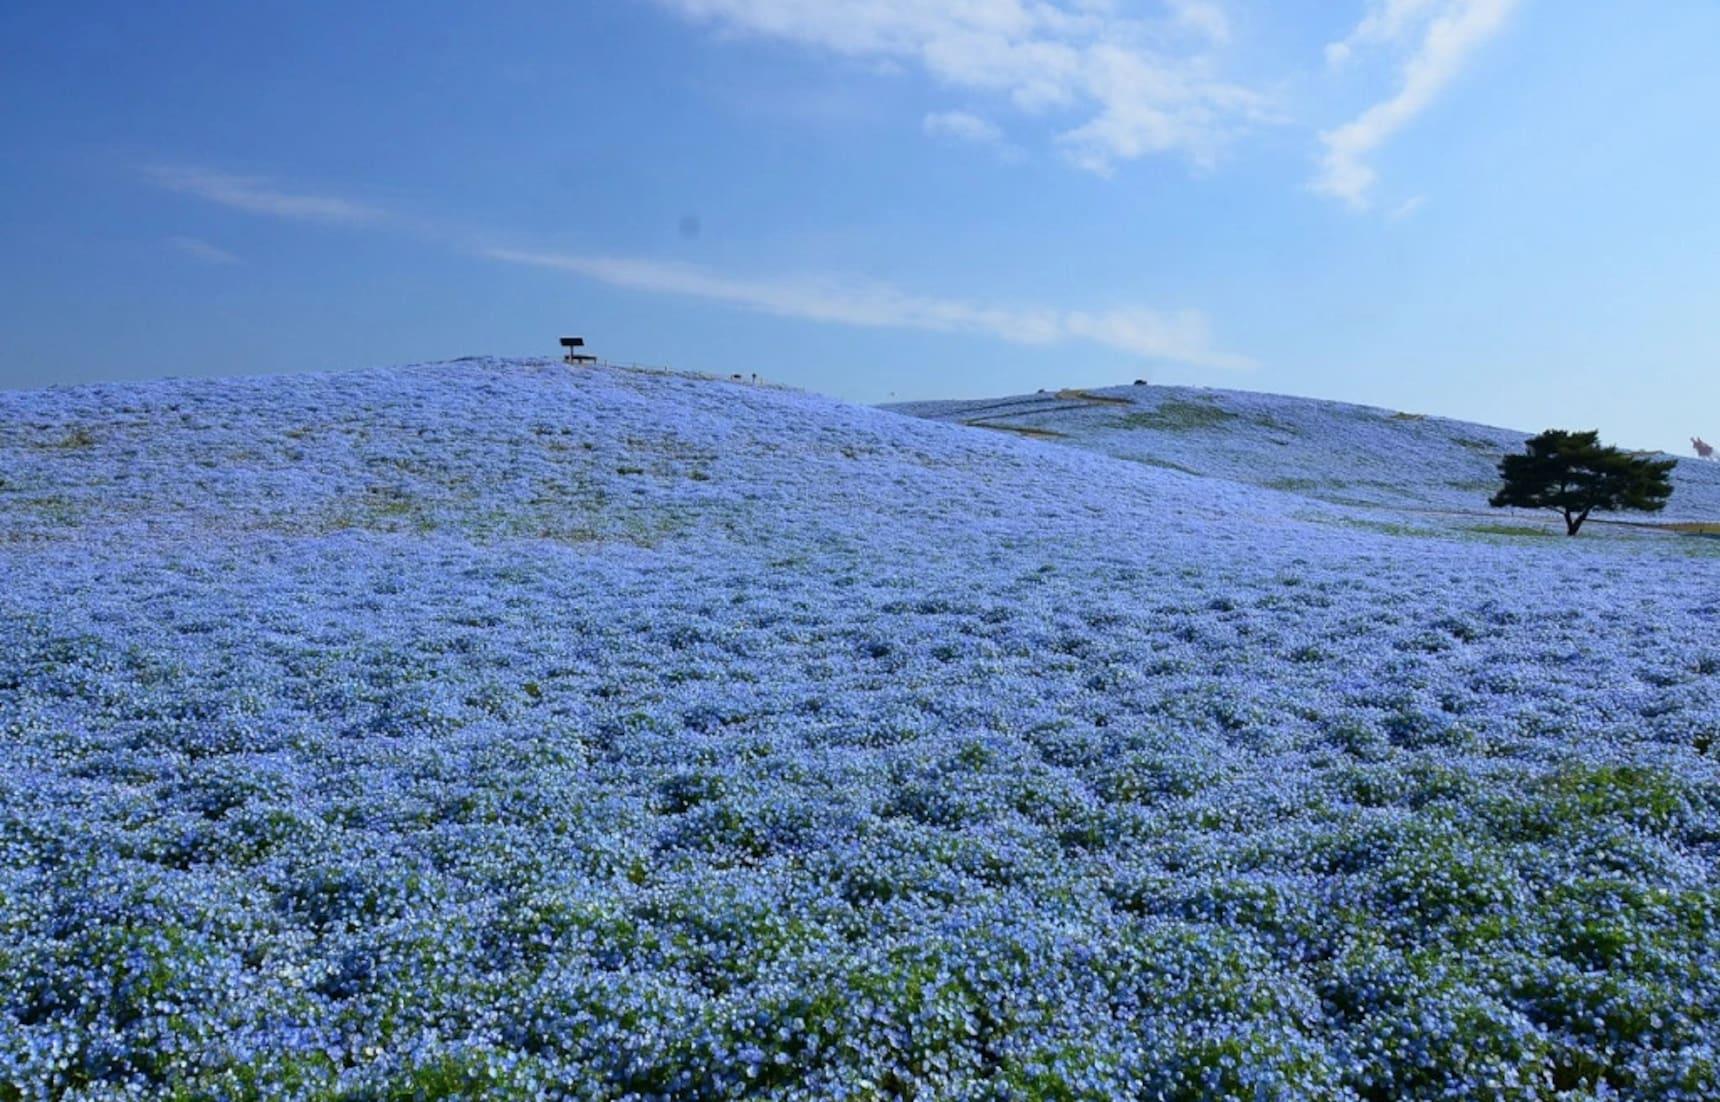 4.5 Million Flowers Keep This Park Blue